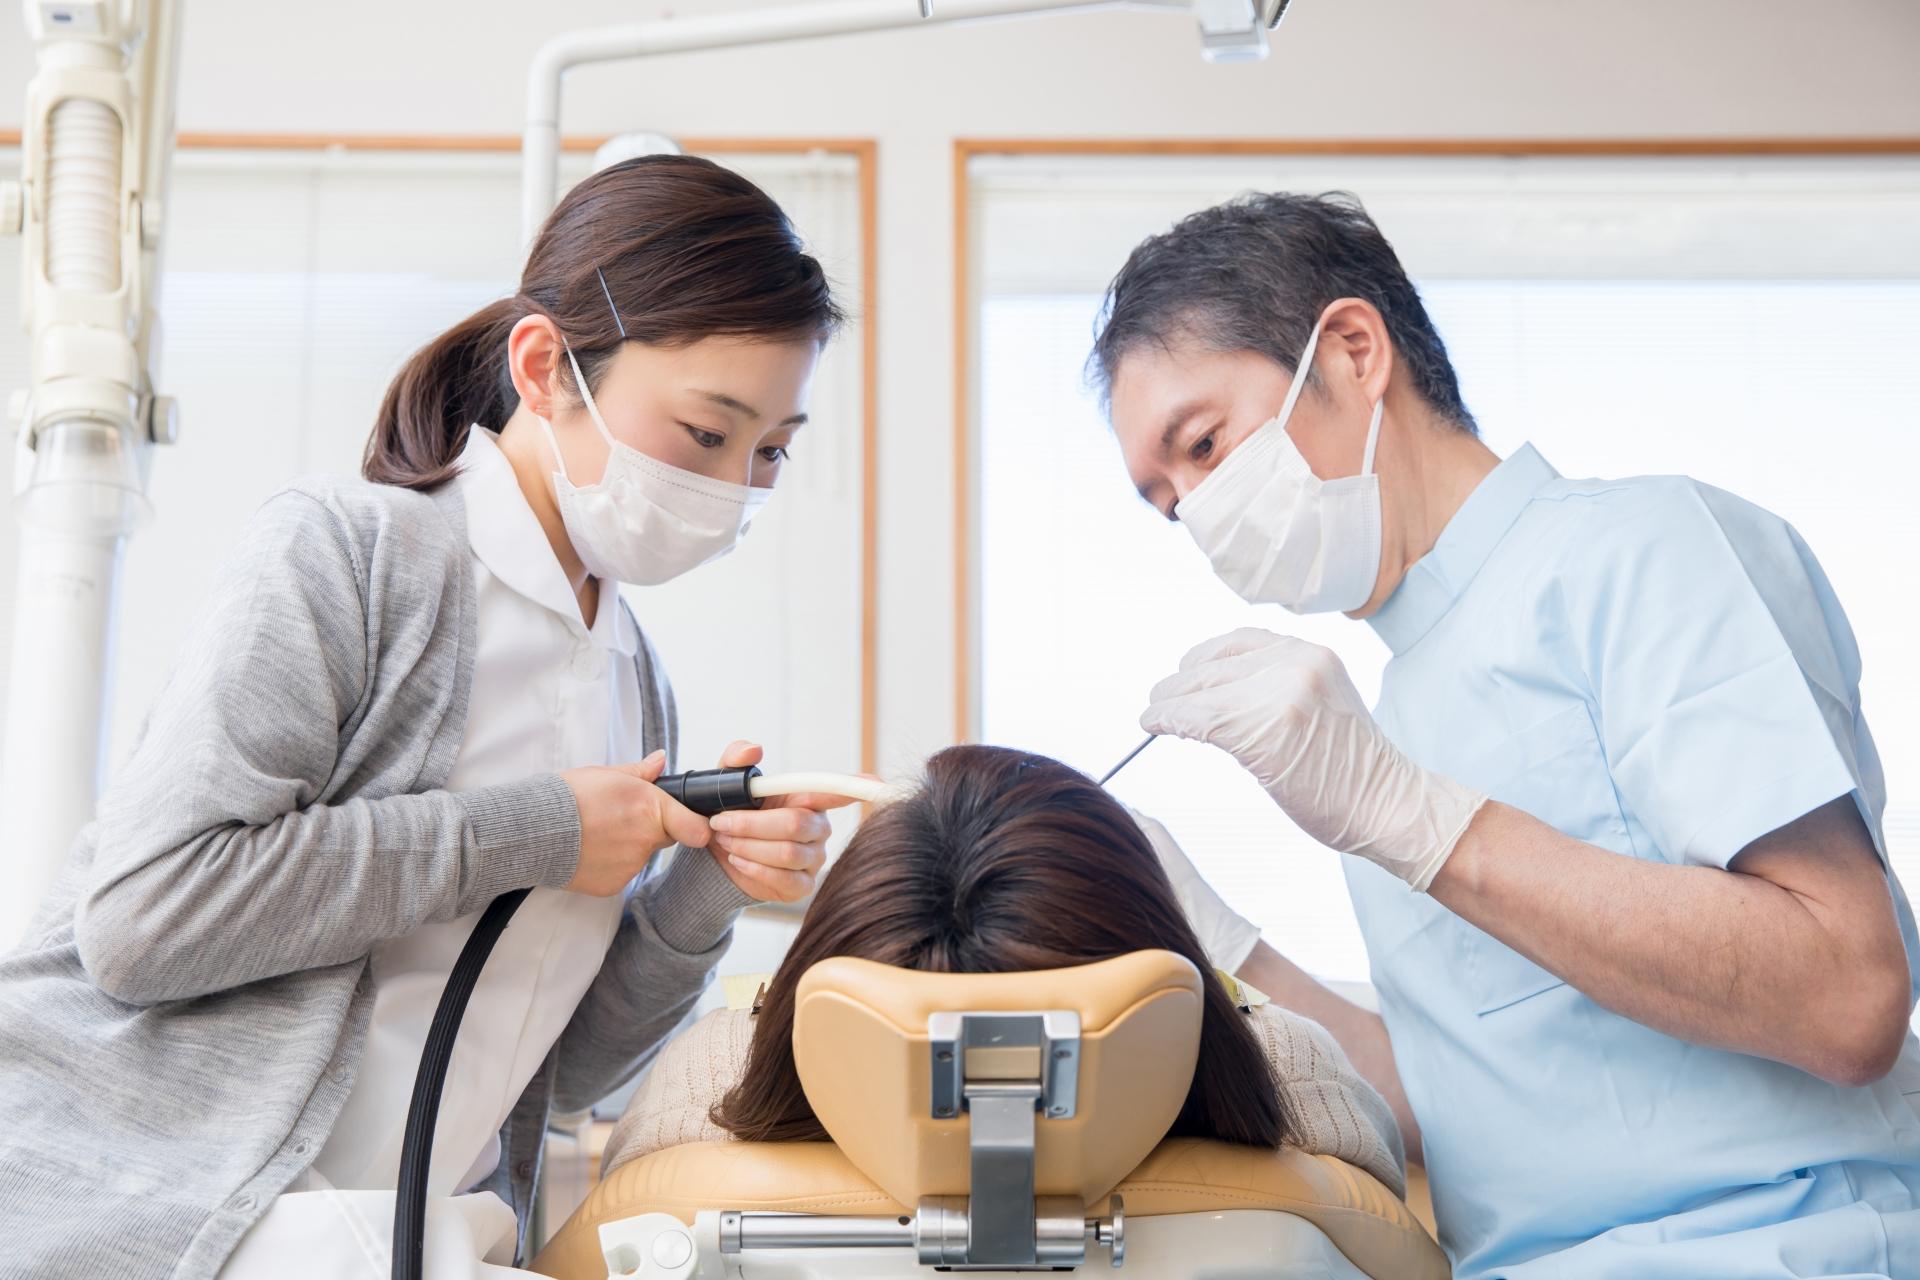 歯医者に通う女性